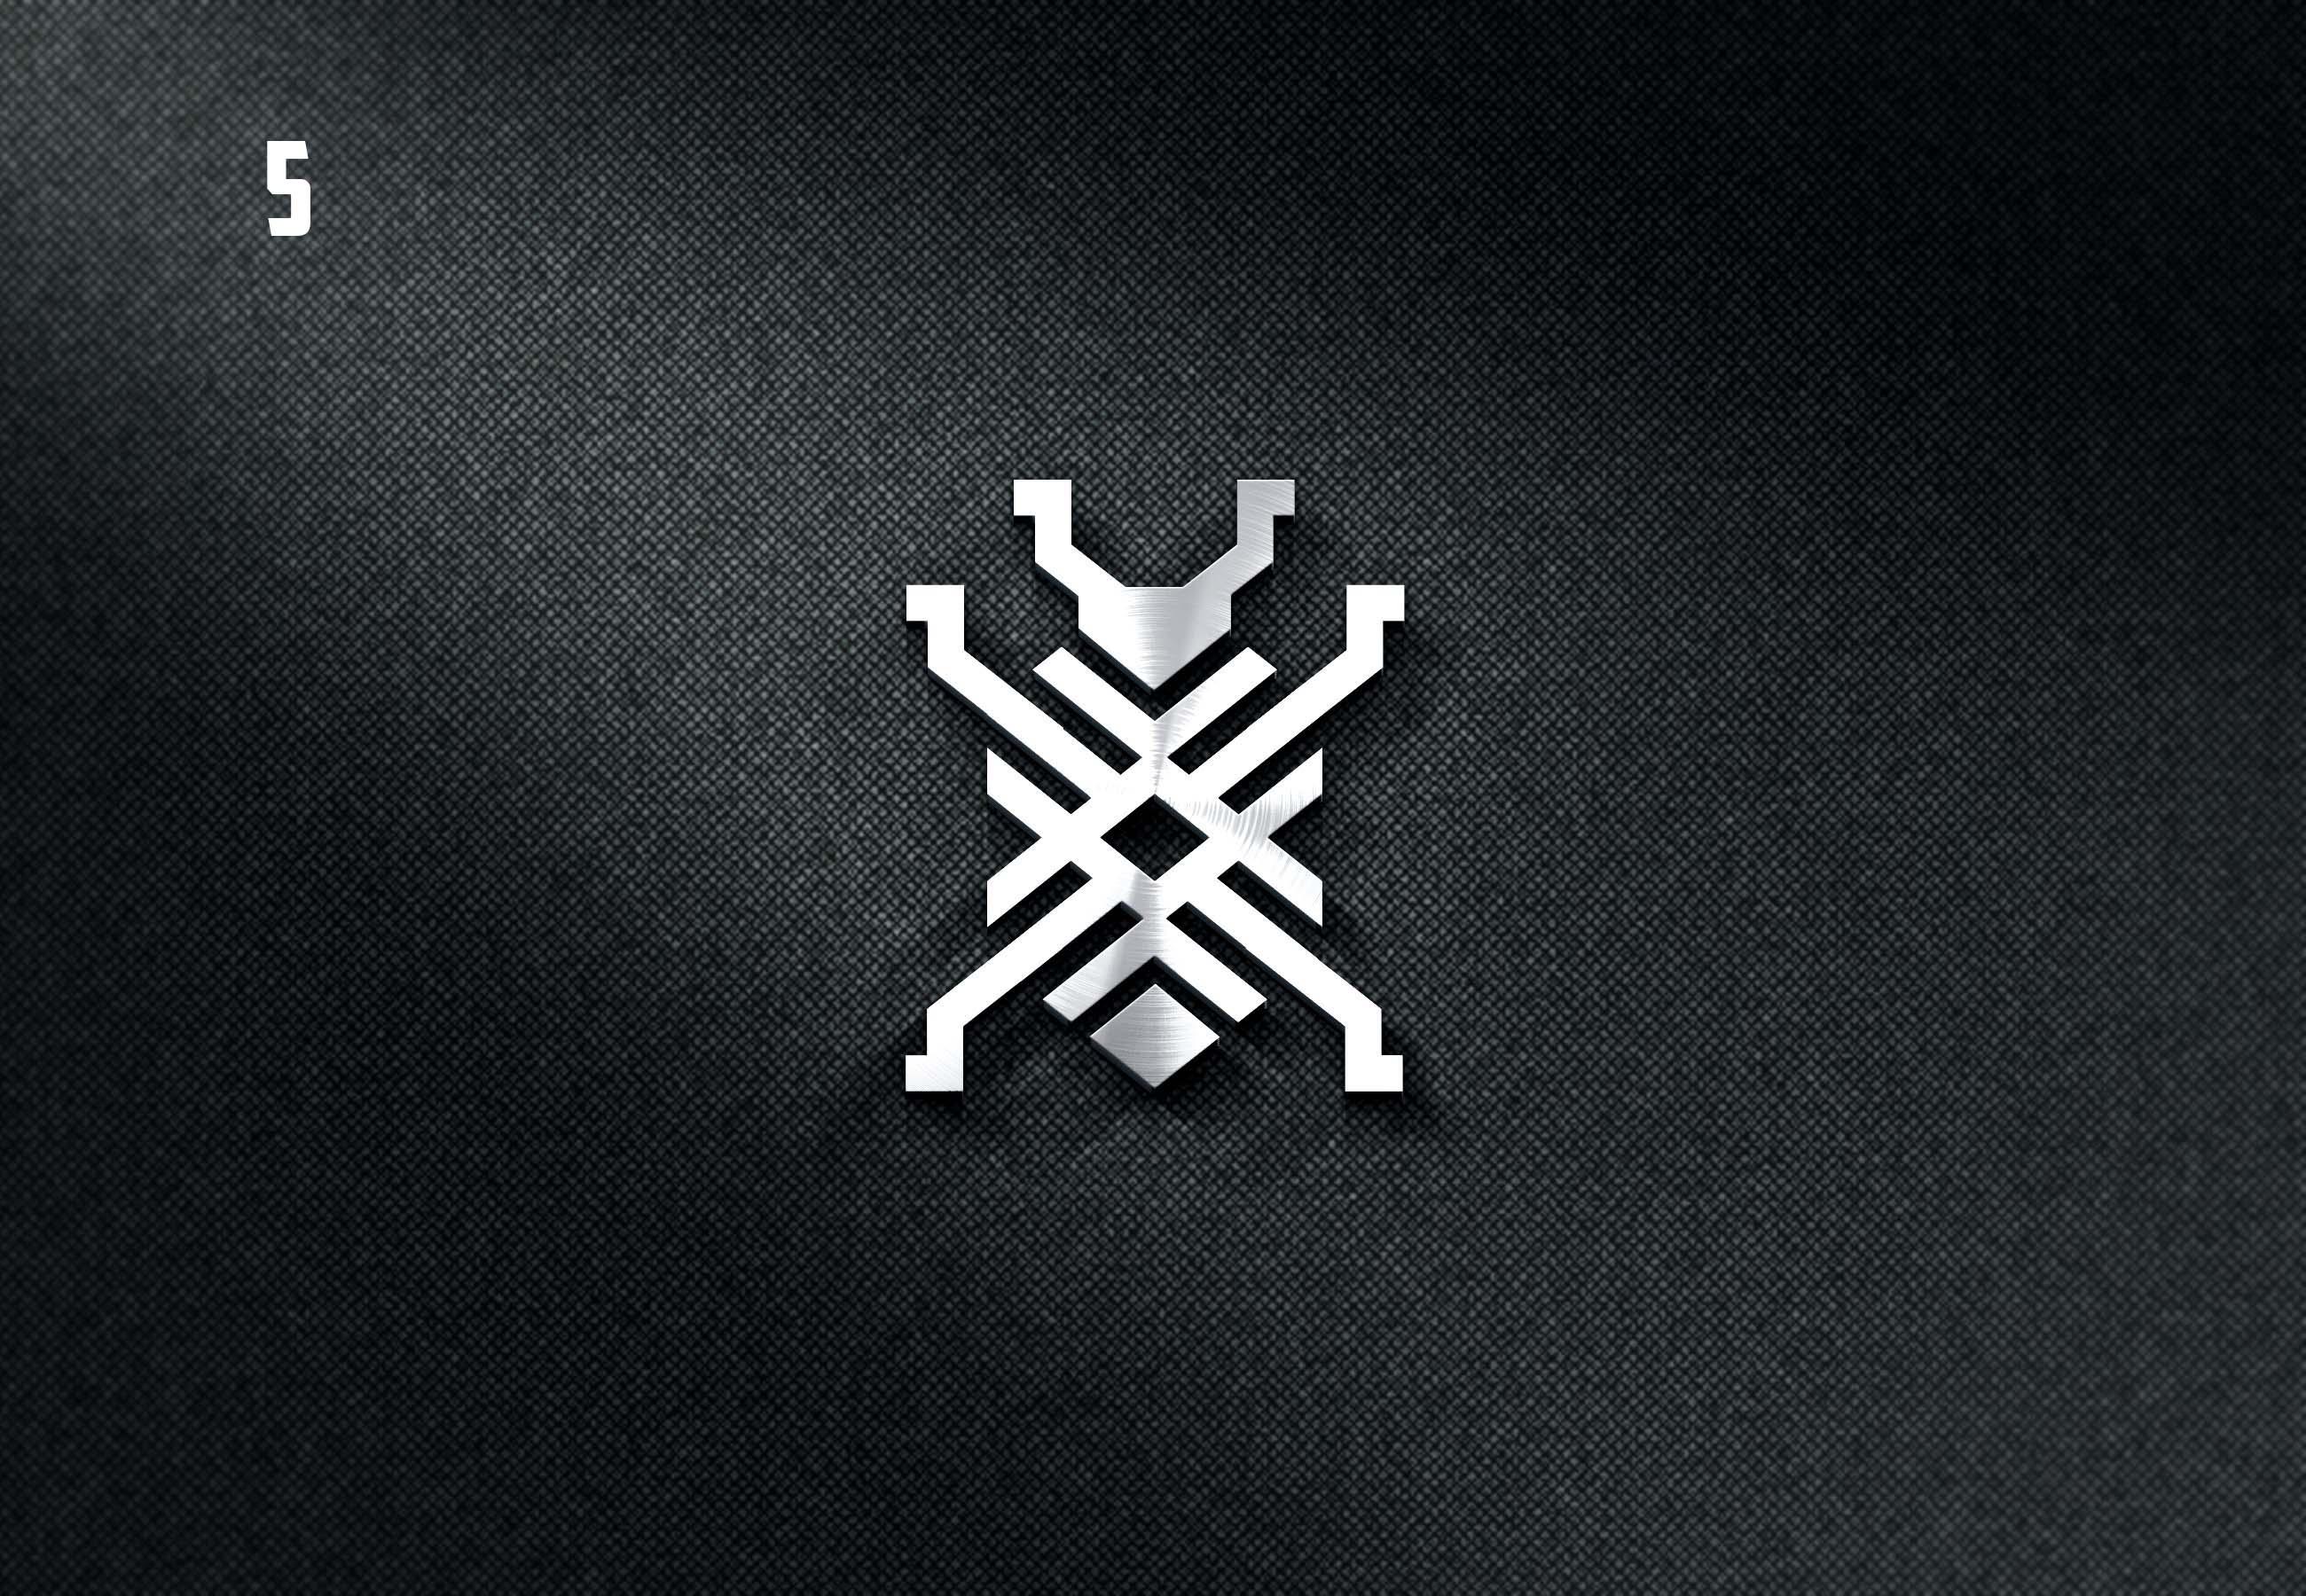 Нужен логотип (эмблема) для самодельного квадроцикла фото f_8855b10334969af7.jpg